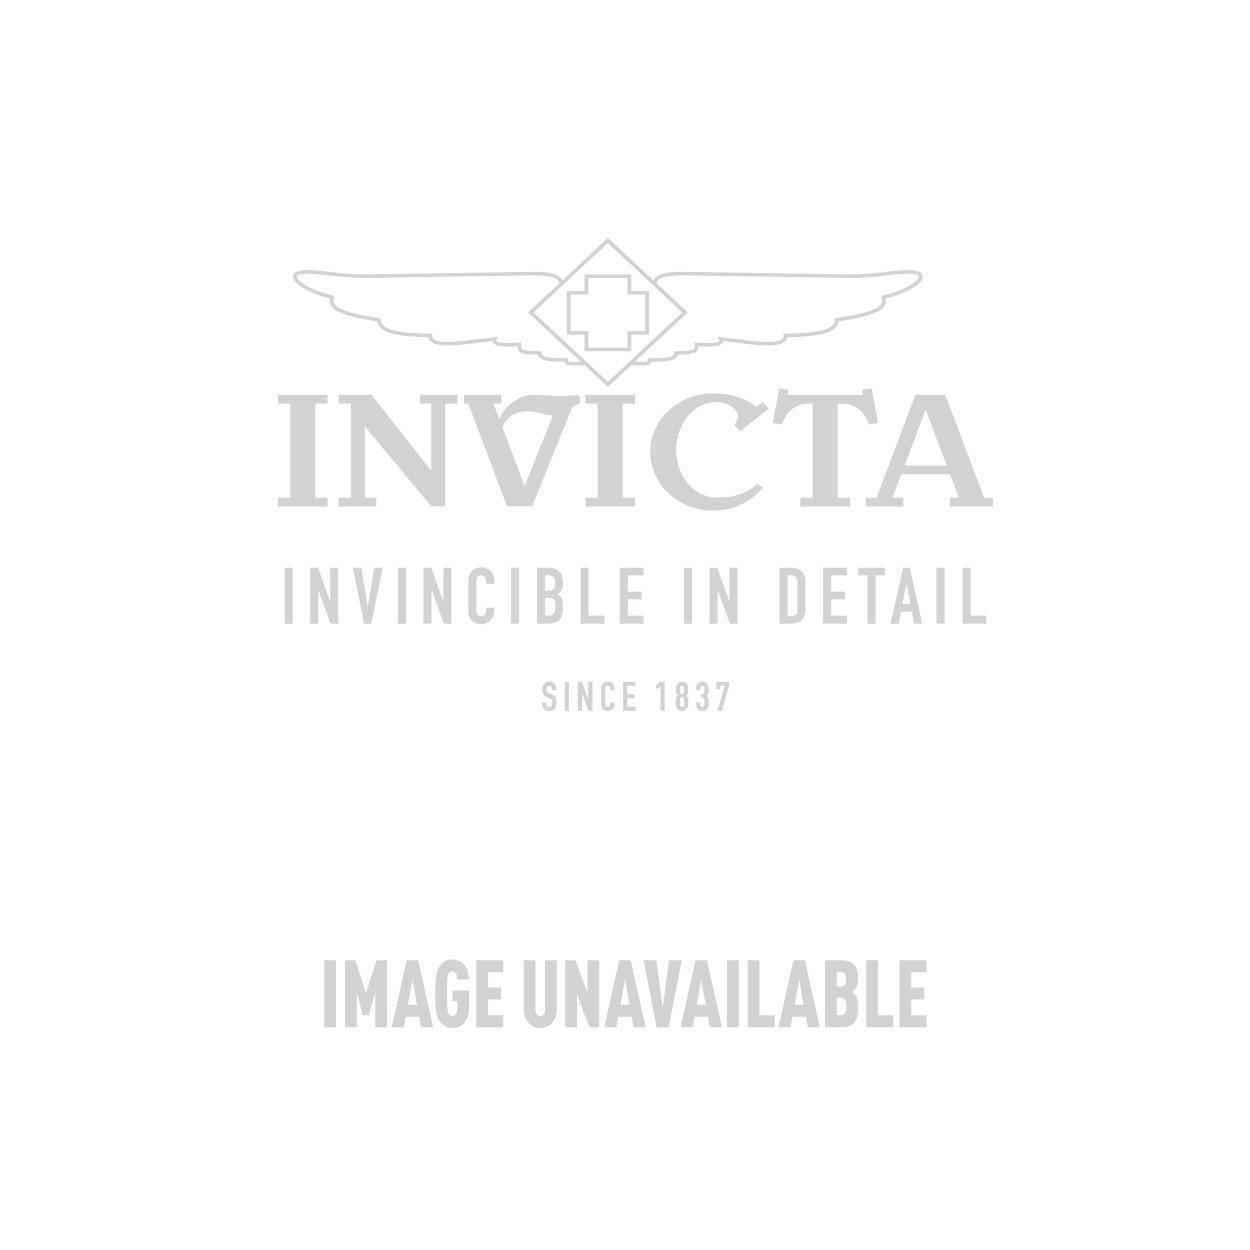 Invicta Model 29025